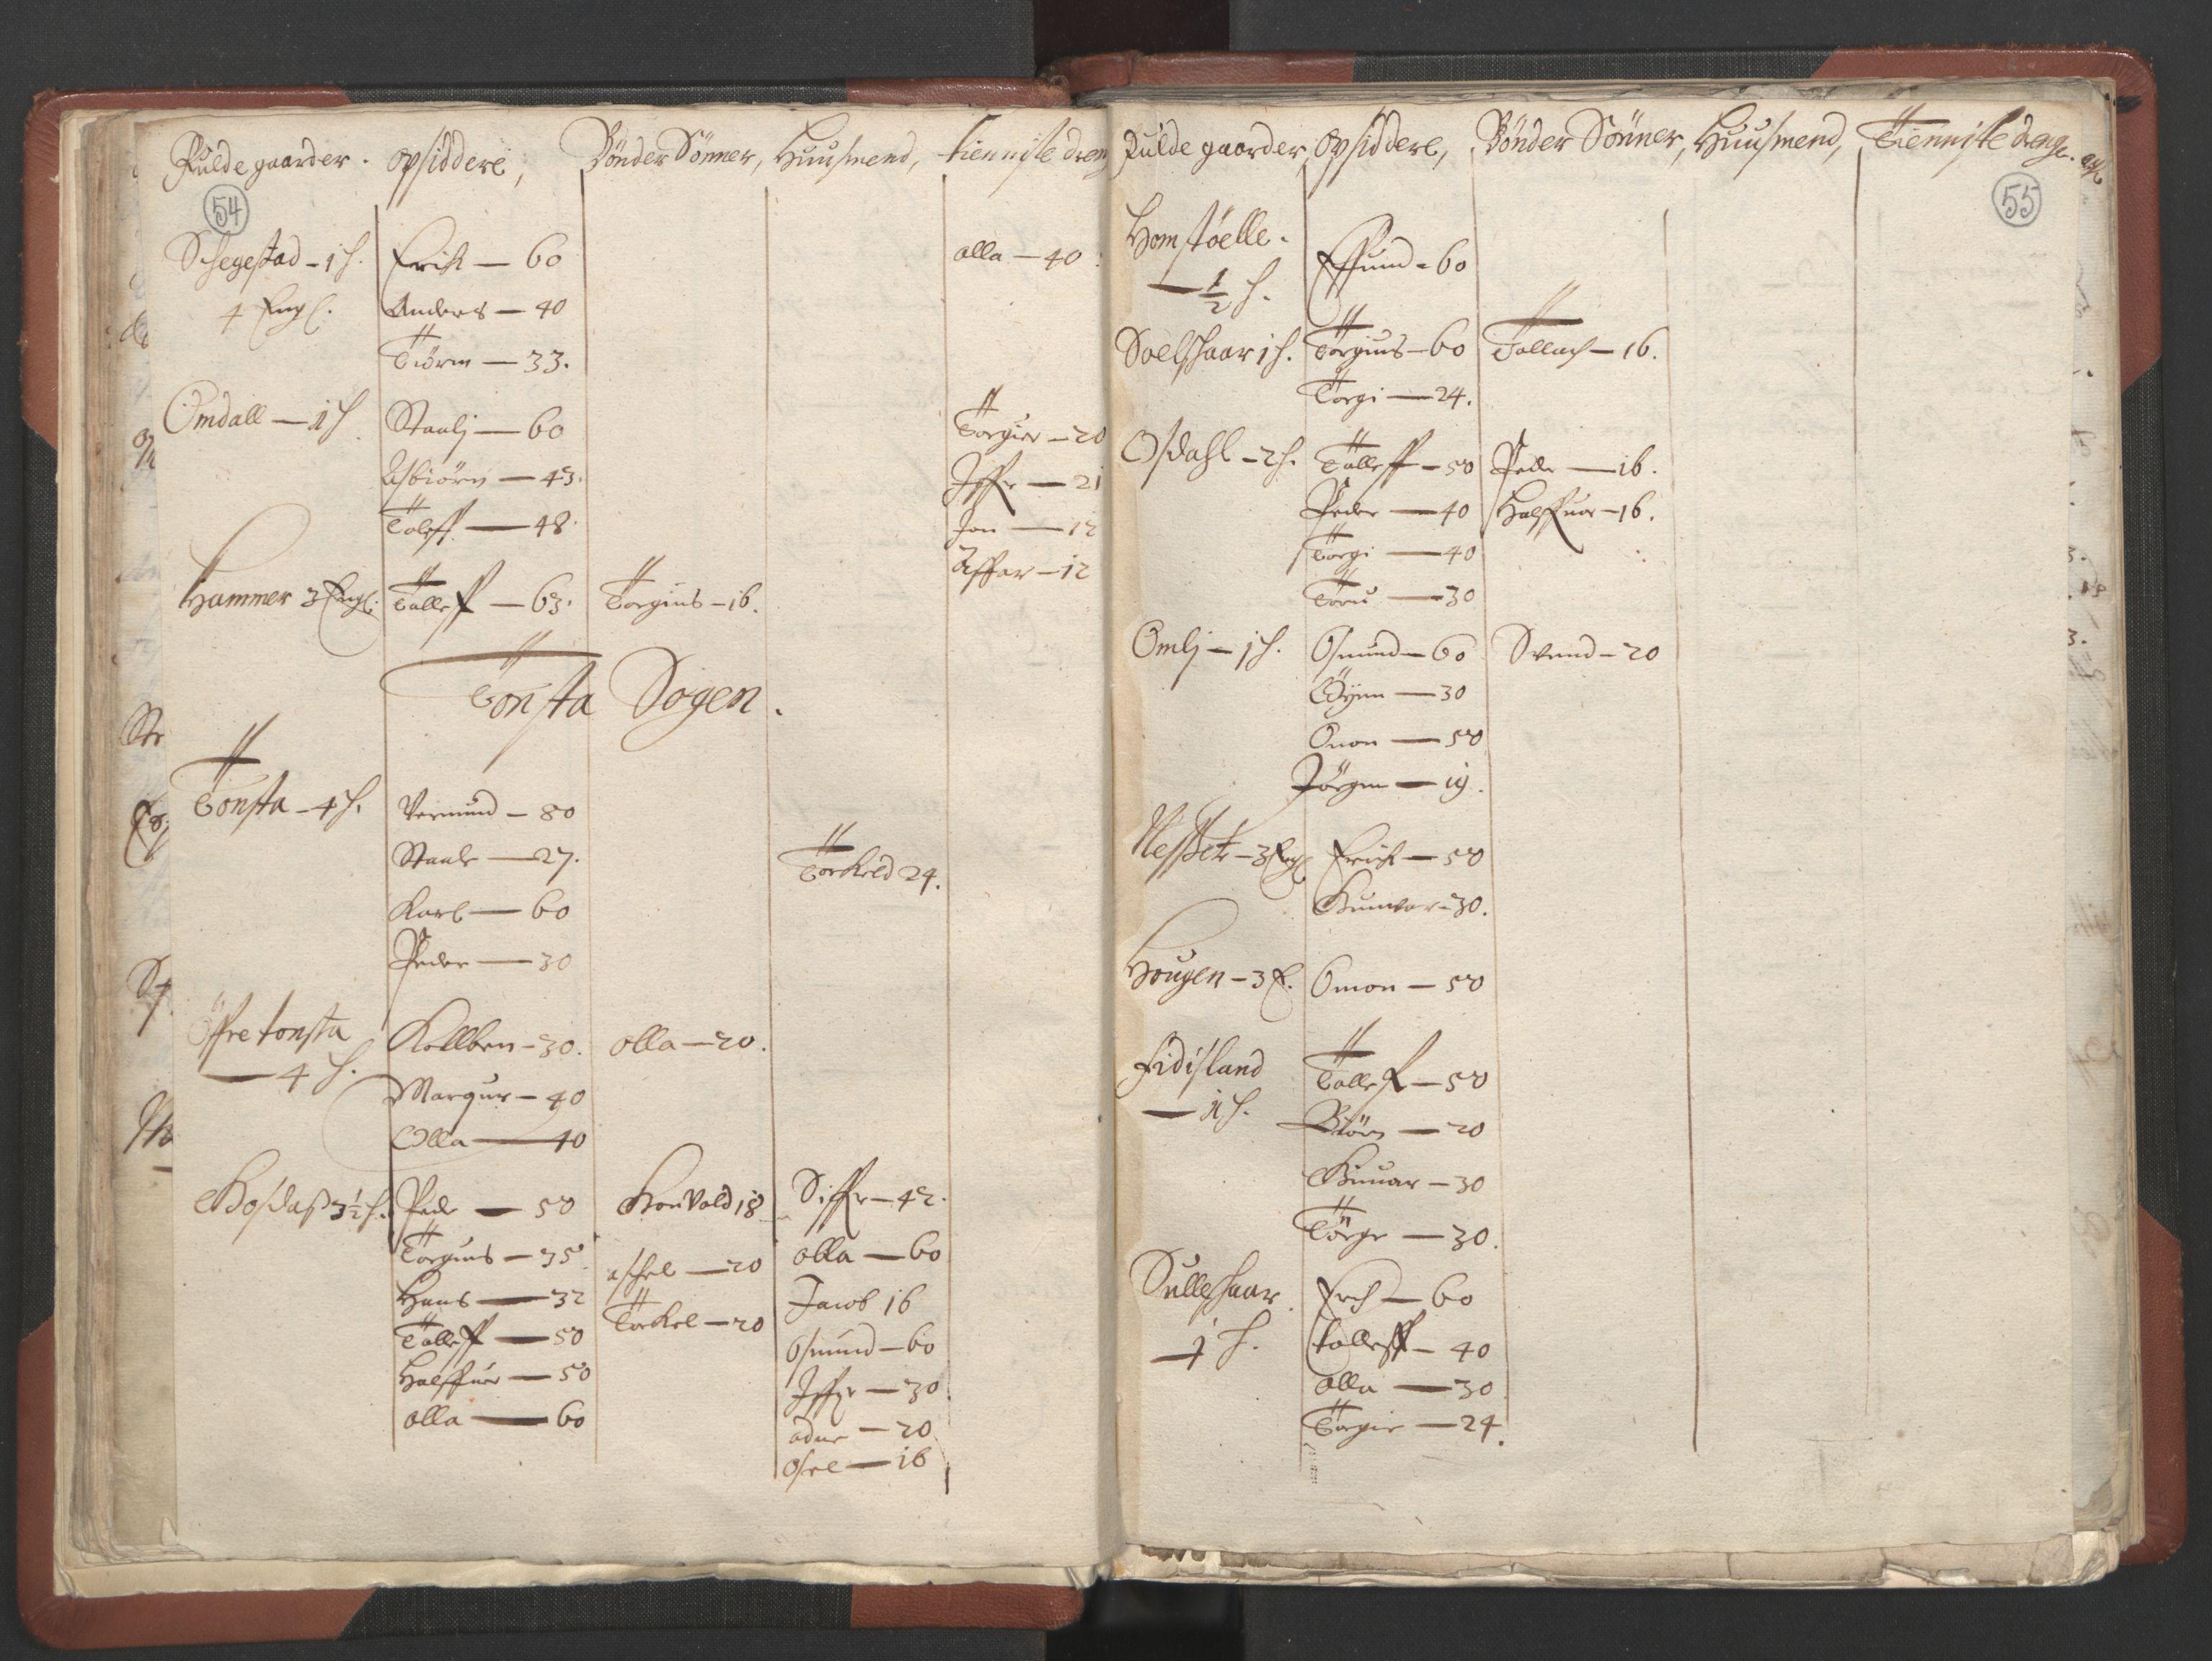 RA, Fogdenes og sorenskrivernes manntall 1664-1666, nr. 10: Lista len, 1664, s. 54-55